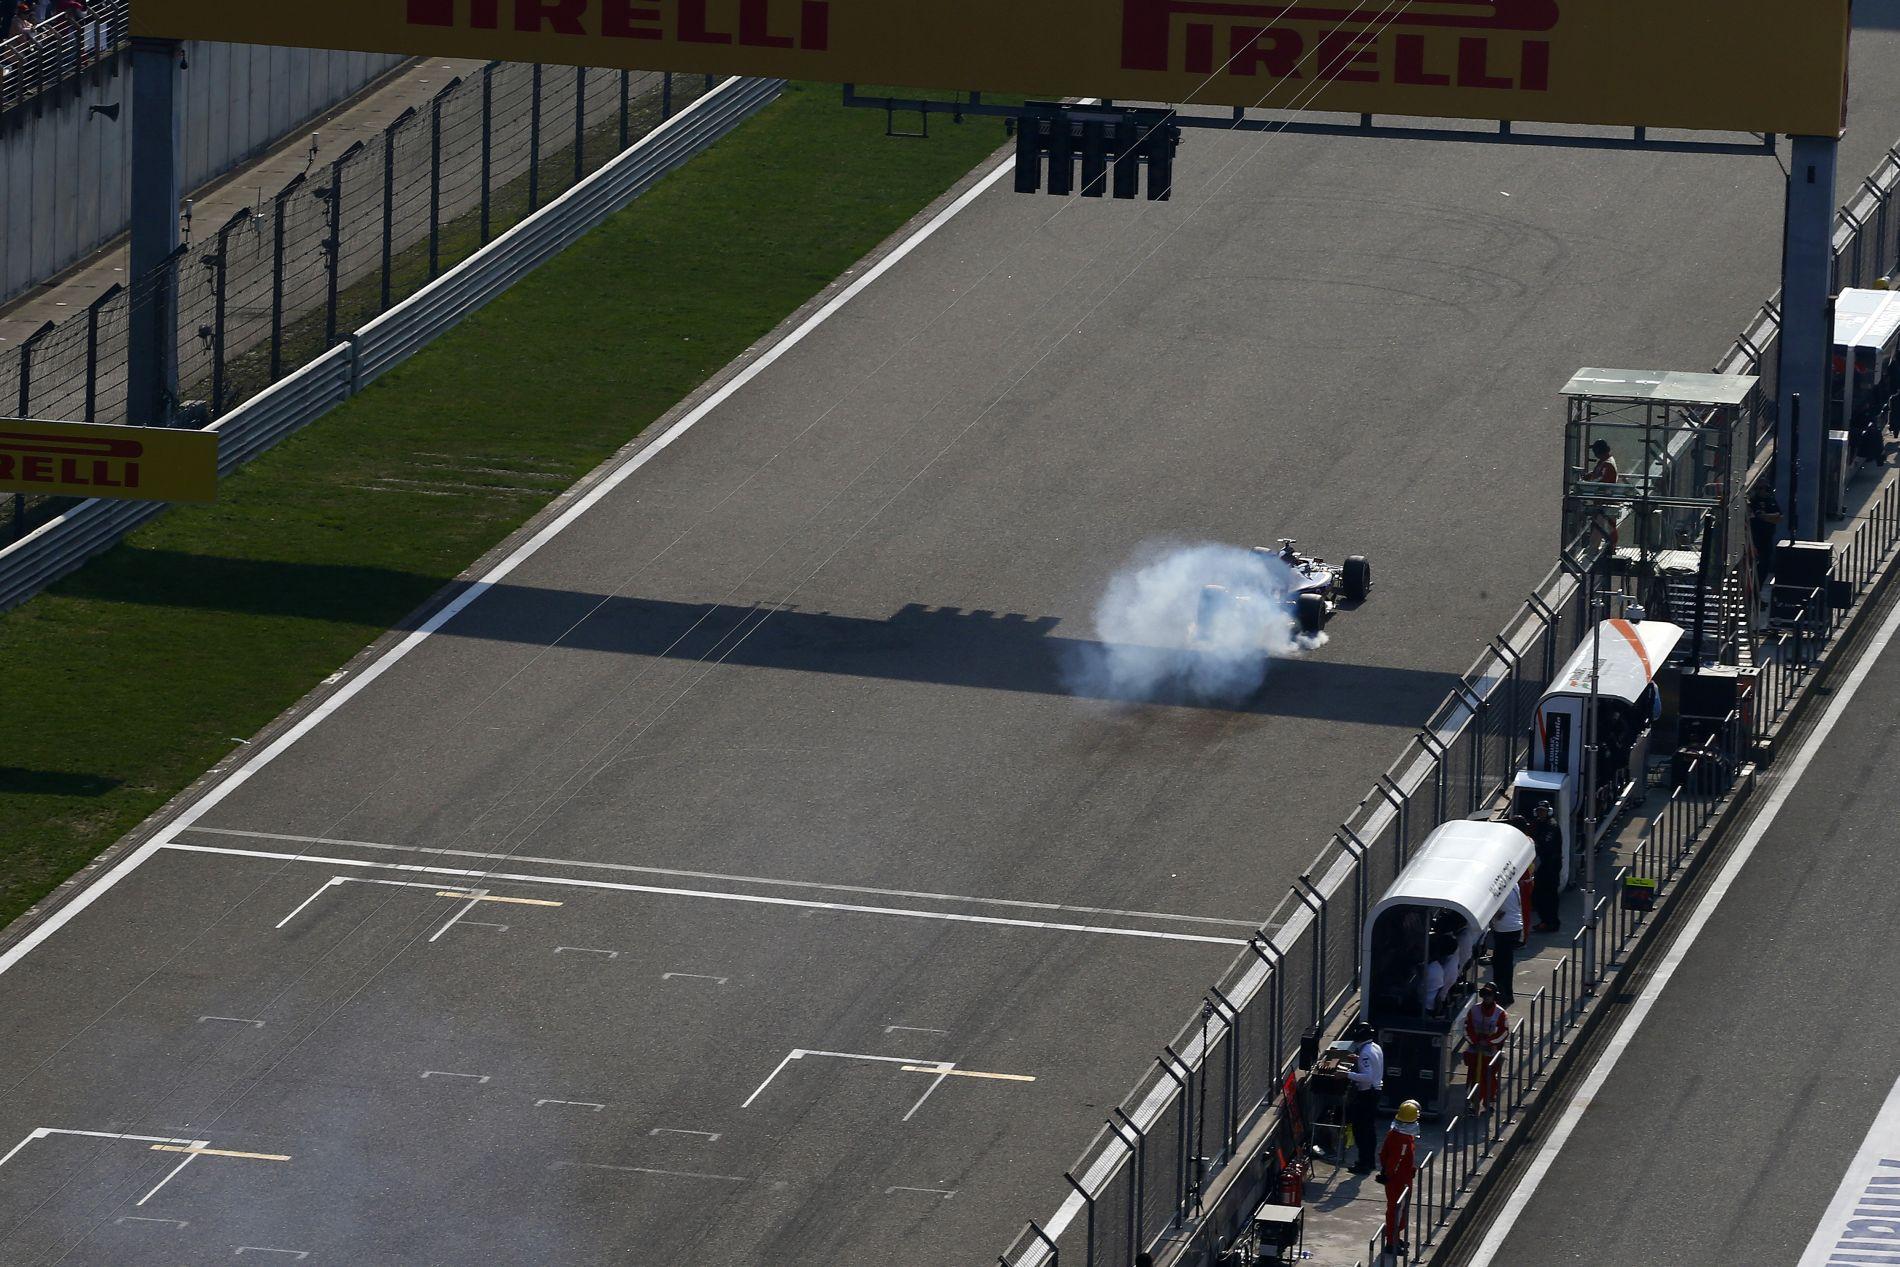 Még semmi sem dőlt el a Renault sorsát illetően: kicsi az esélye, hogy szállítók maradnak